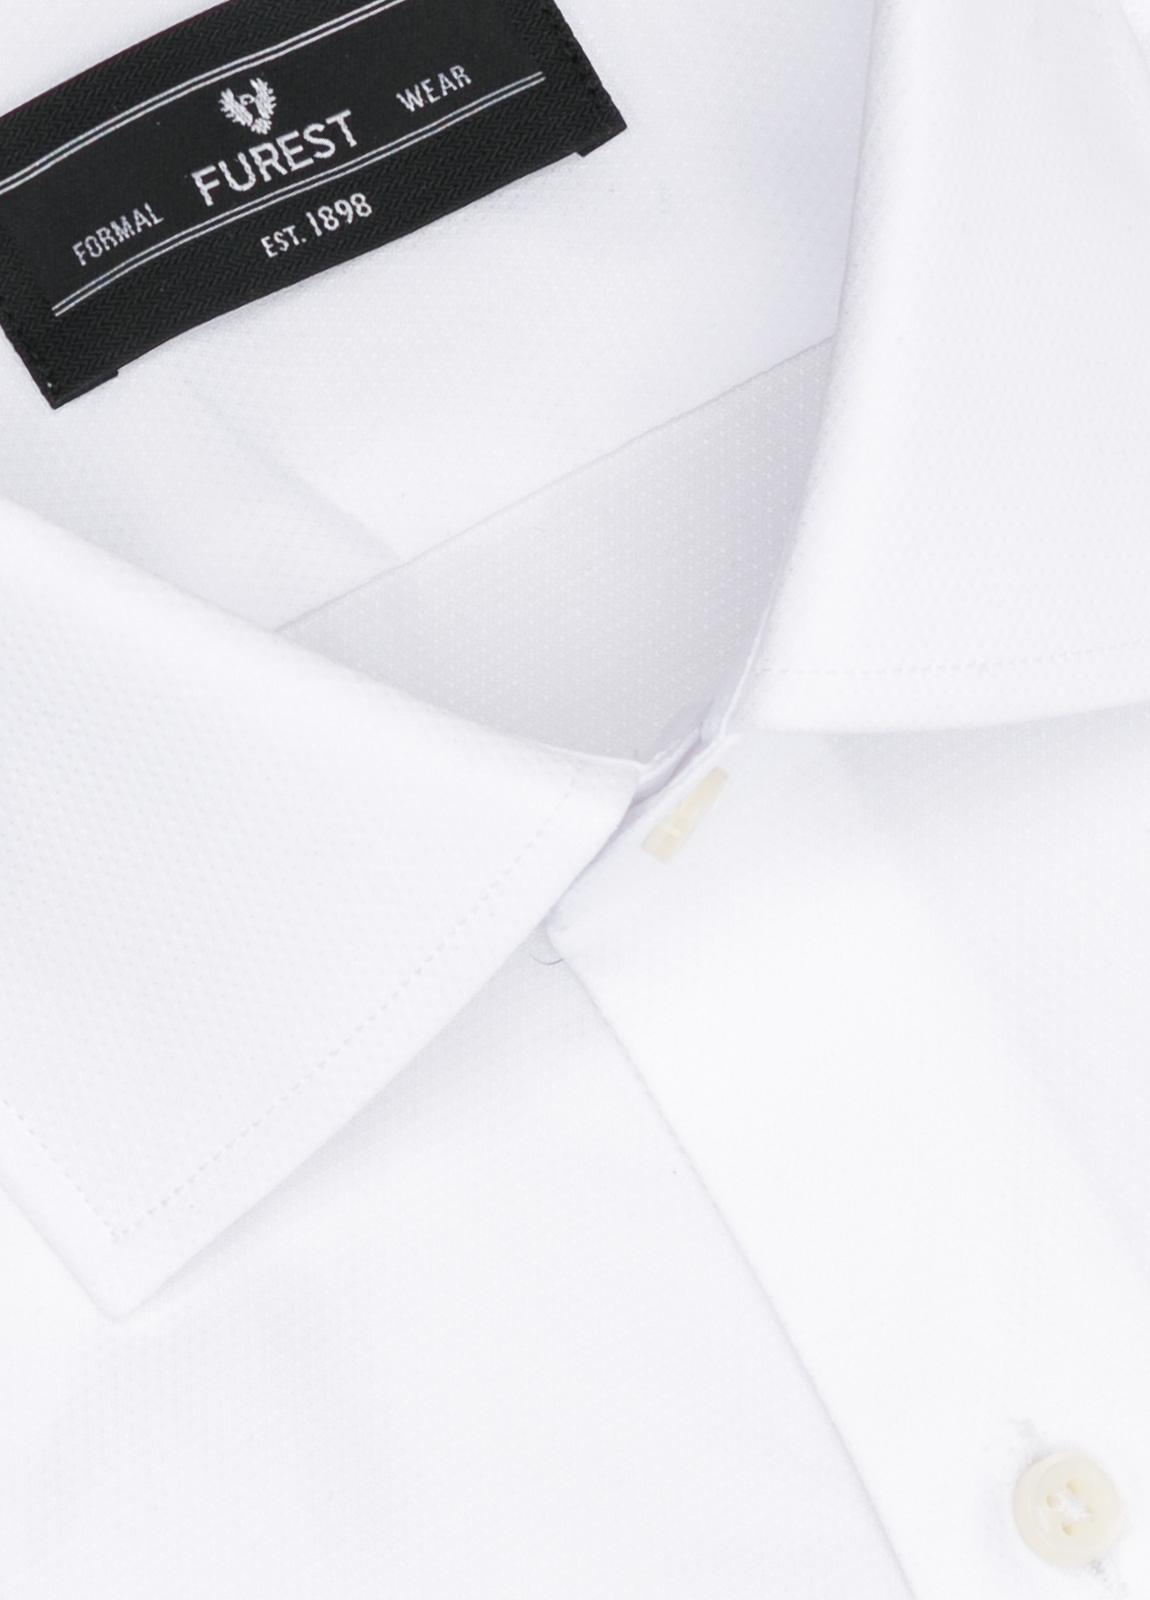 Camisa Formal Wear SLIM FIT cuello italiano modelo ROMA micro grabado color blanco, 100% Algodón. - Ítem1